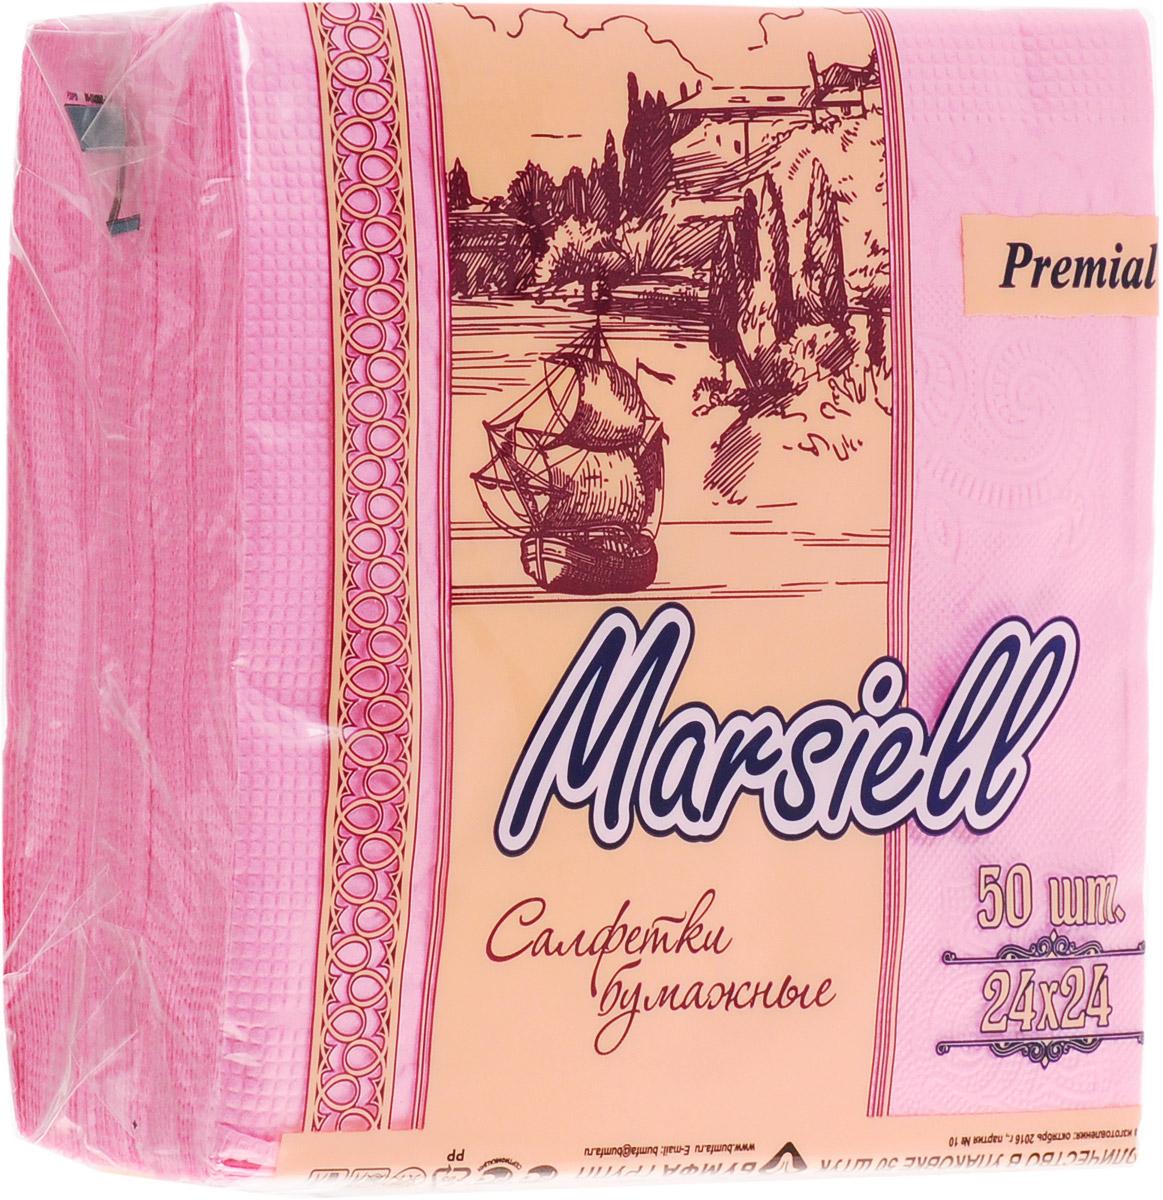 Premial Marsiel Салфетки декоративные двухслойные цветные, цвет: розовый, 50 штMP59.4DPremial Marsiel Салфетки декоративные двухслойные цветные, цвет: розовый, 50 шт